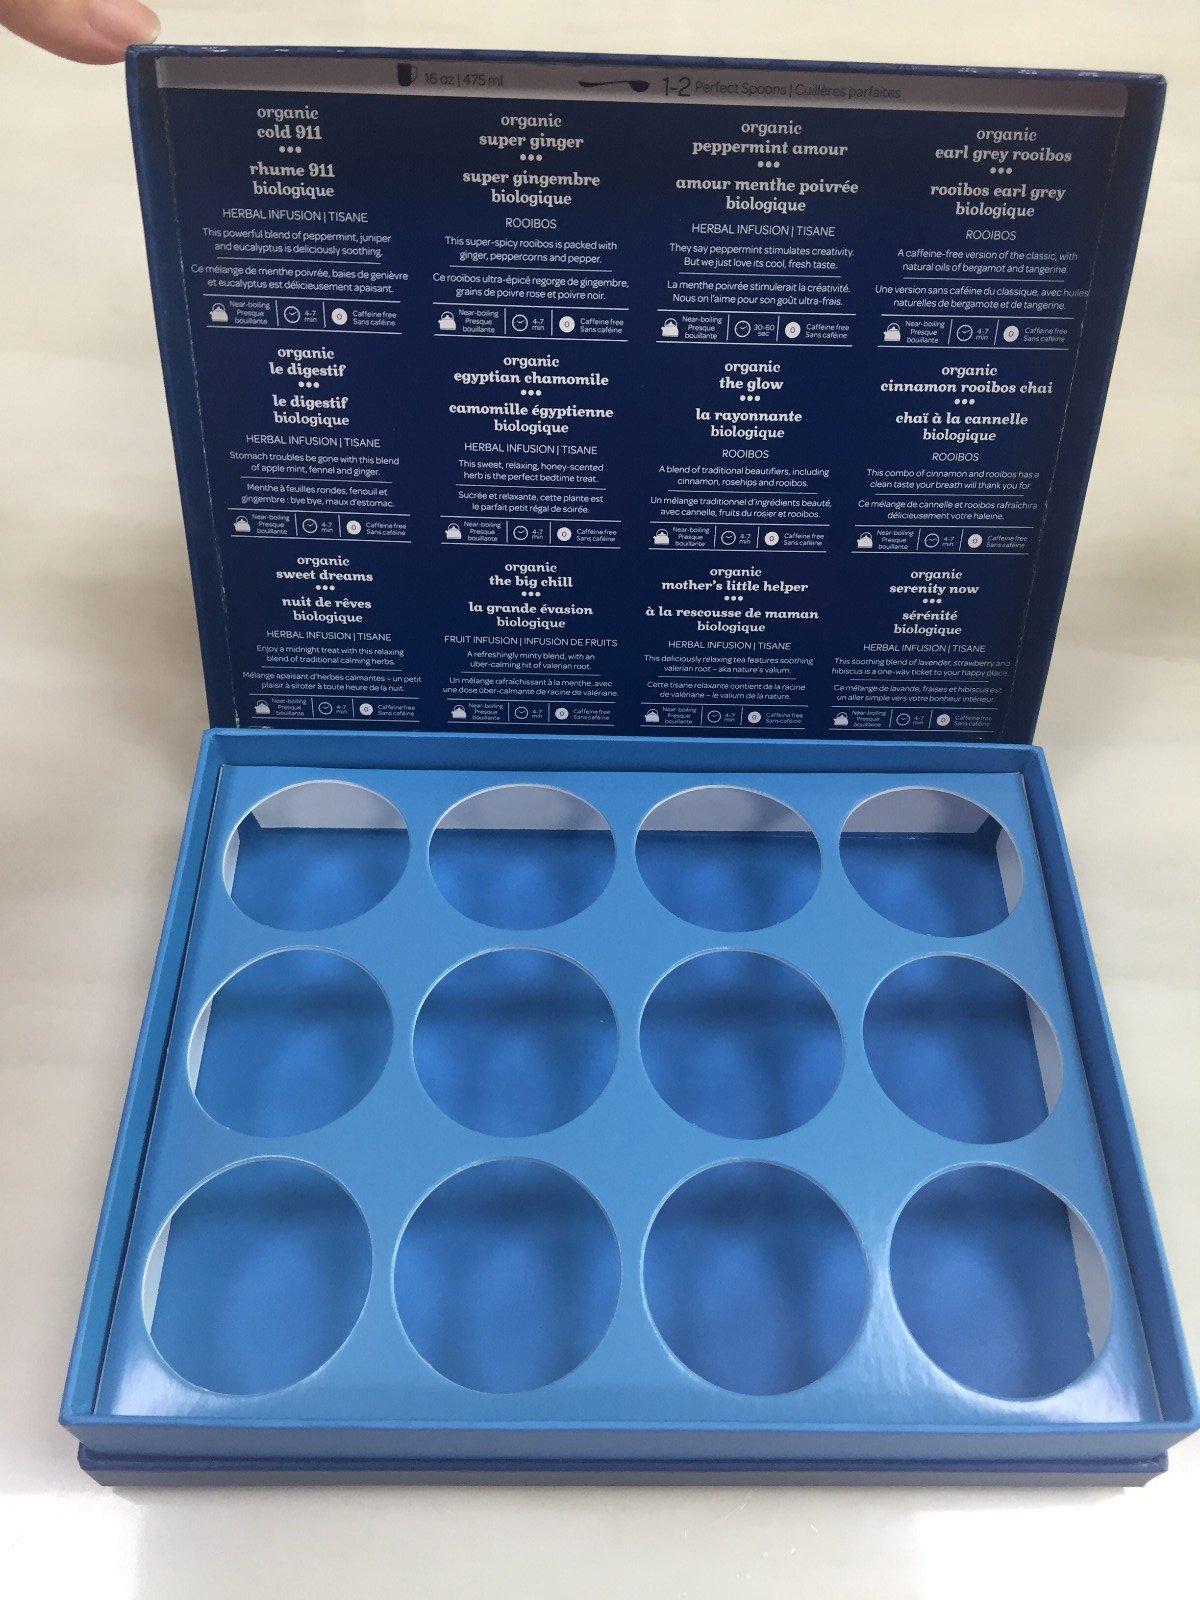 gift display box for tea